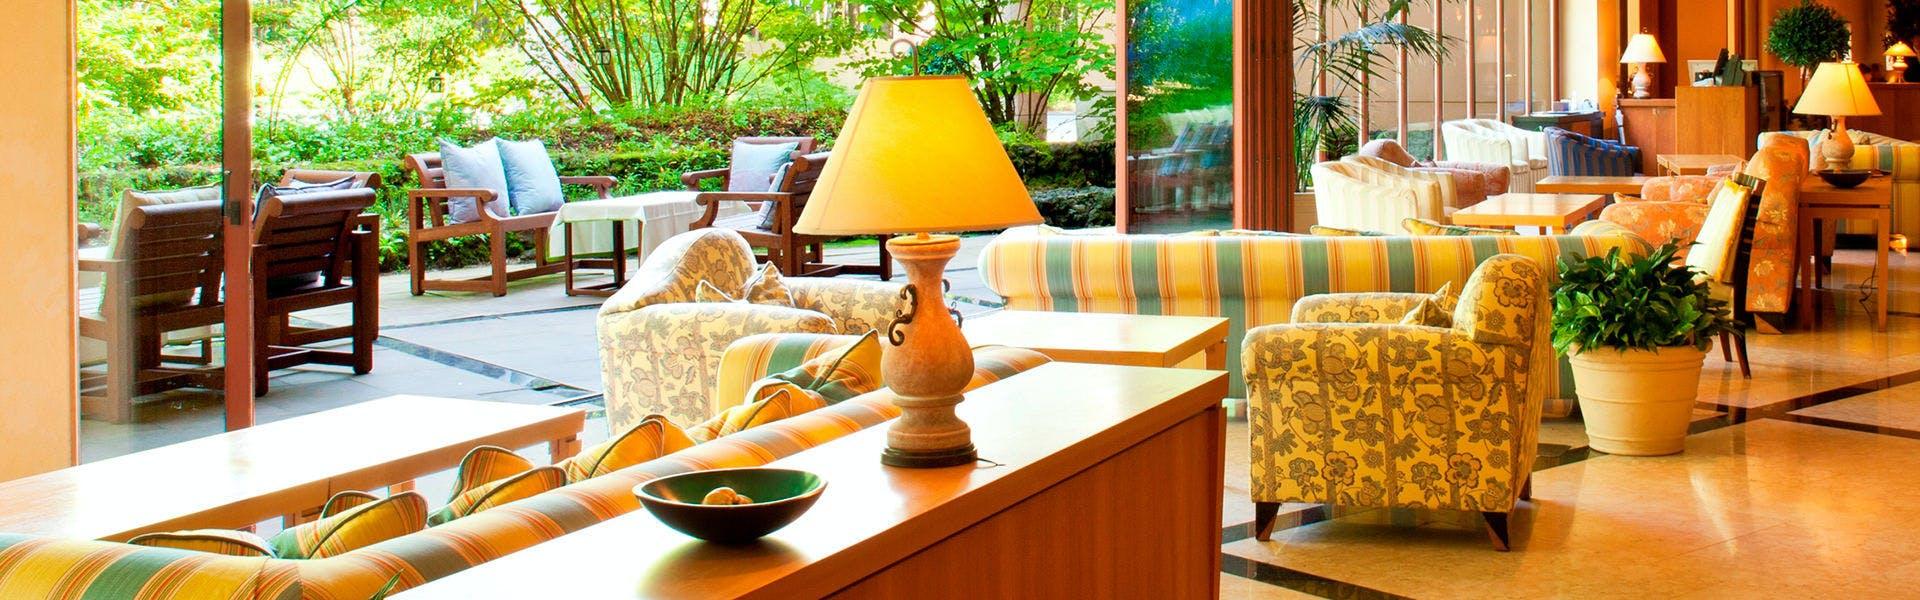 記念日におすすめのホテル・星野リゾート 軽井沢ホテルブレストンコートの写真2